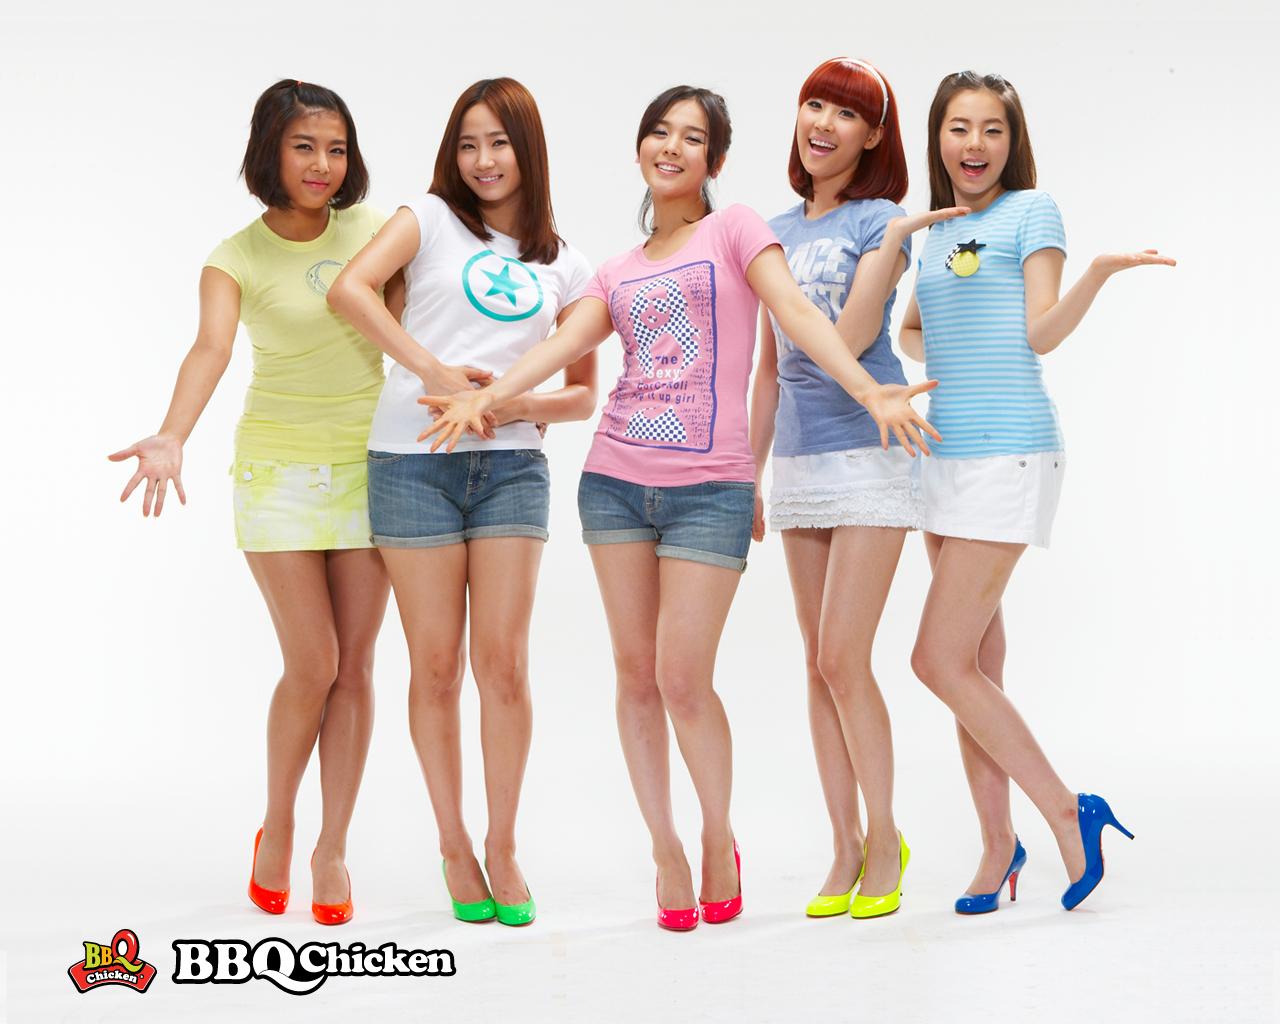 Picscf Wonder Girls For Bbq Chicken  Hotspicykimchi-3677